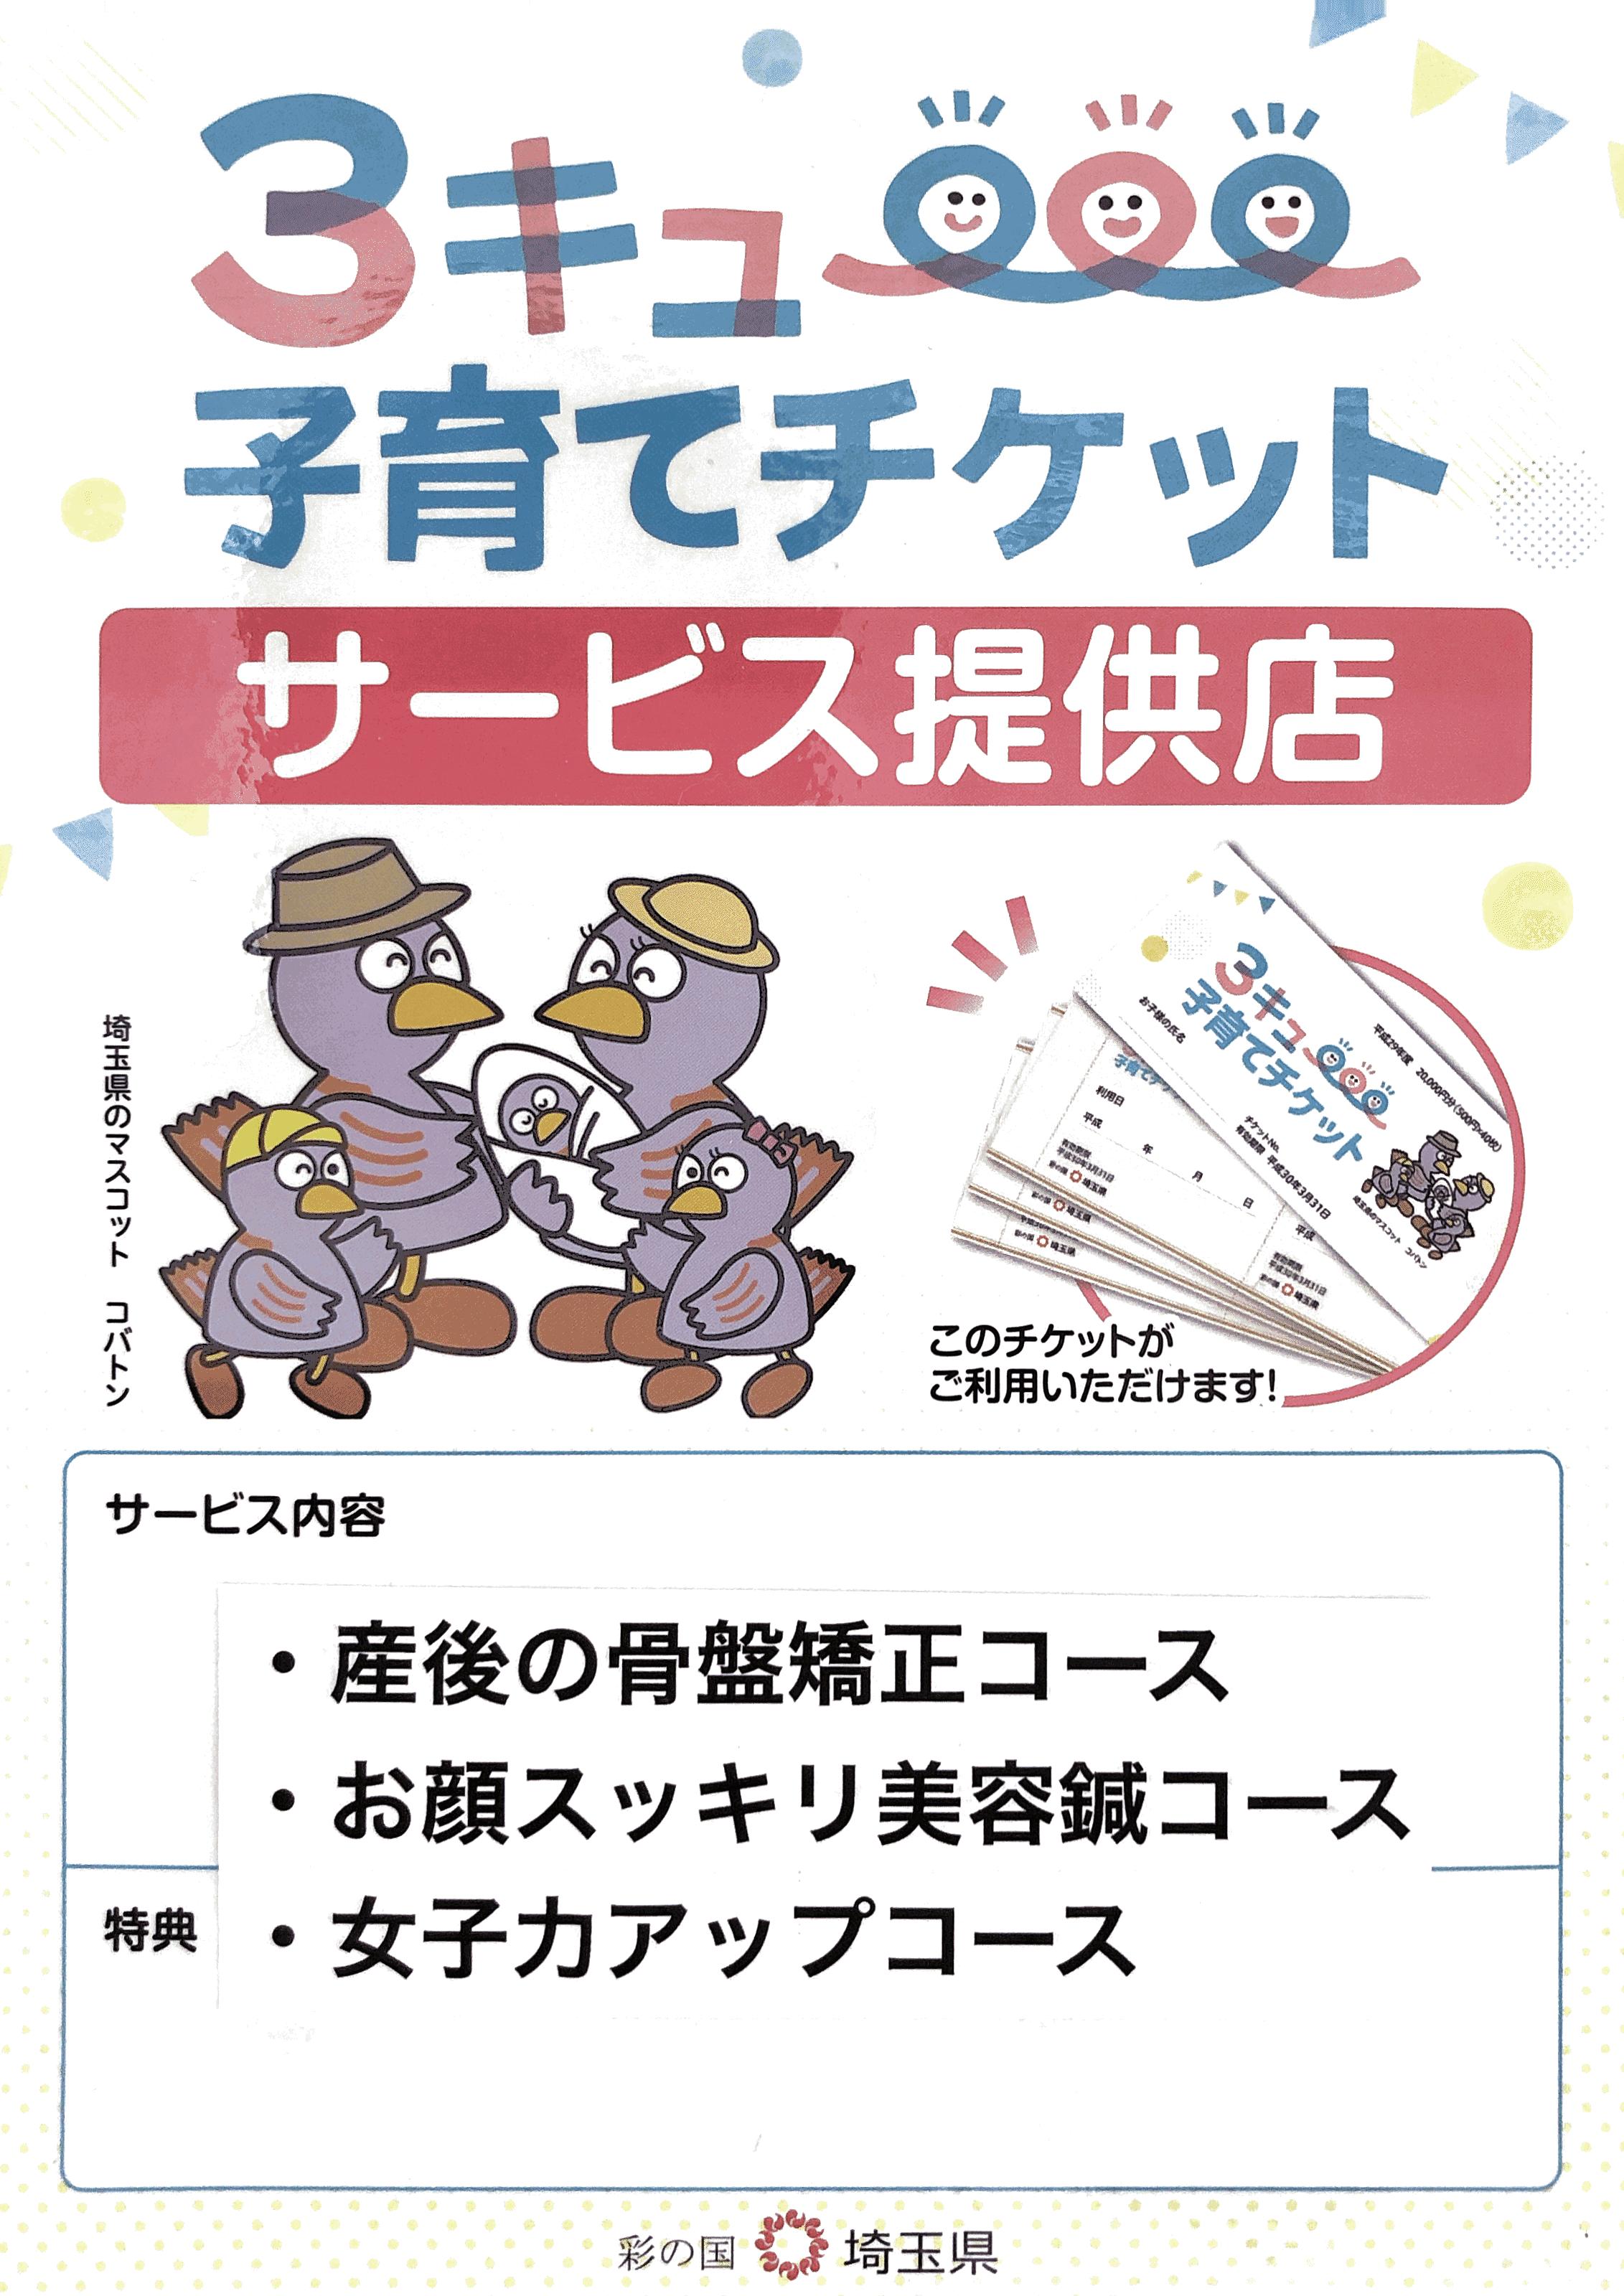 3キュー子育てチケット、埼玉県、春日部市、産後の骨盤矯正、美容鍼灸、女子力アップ